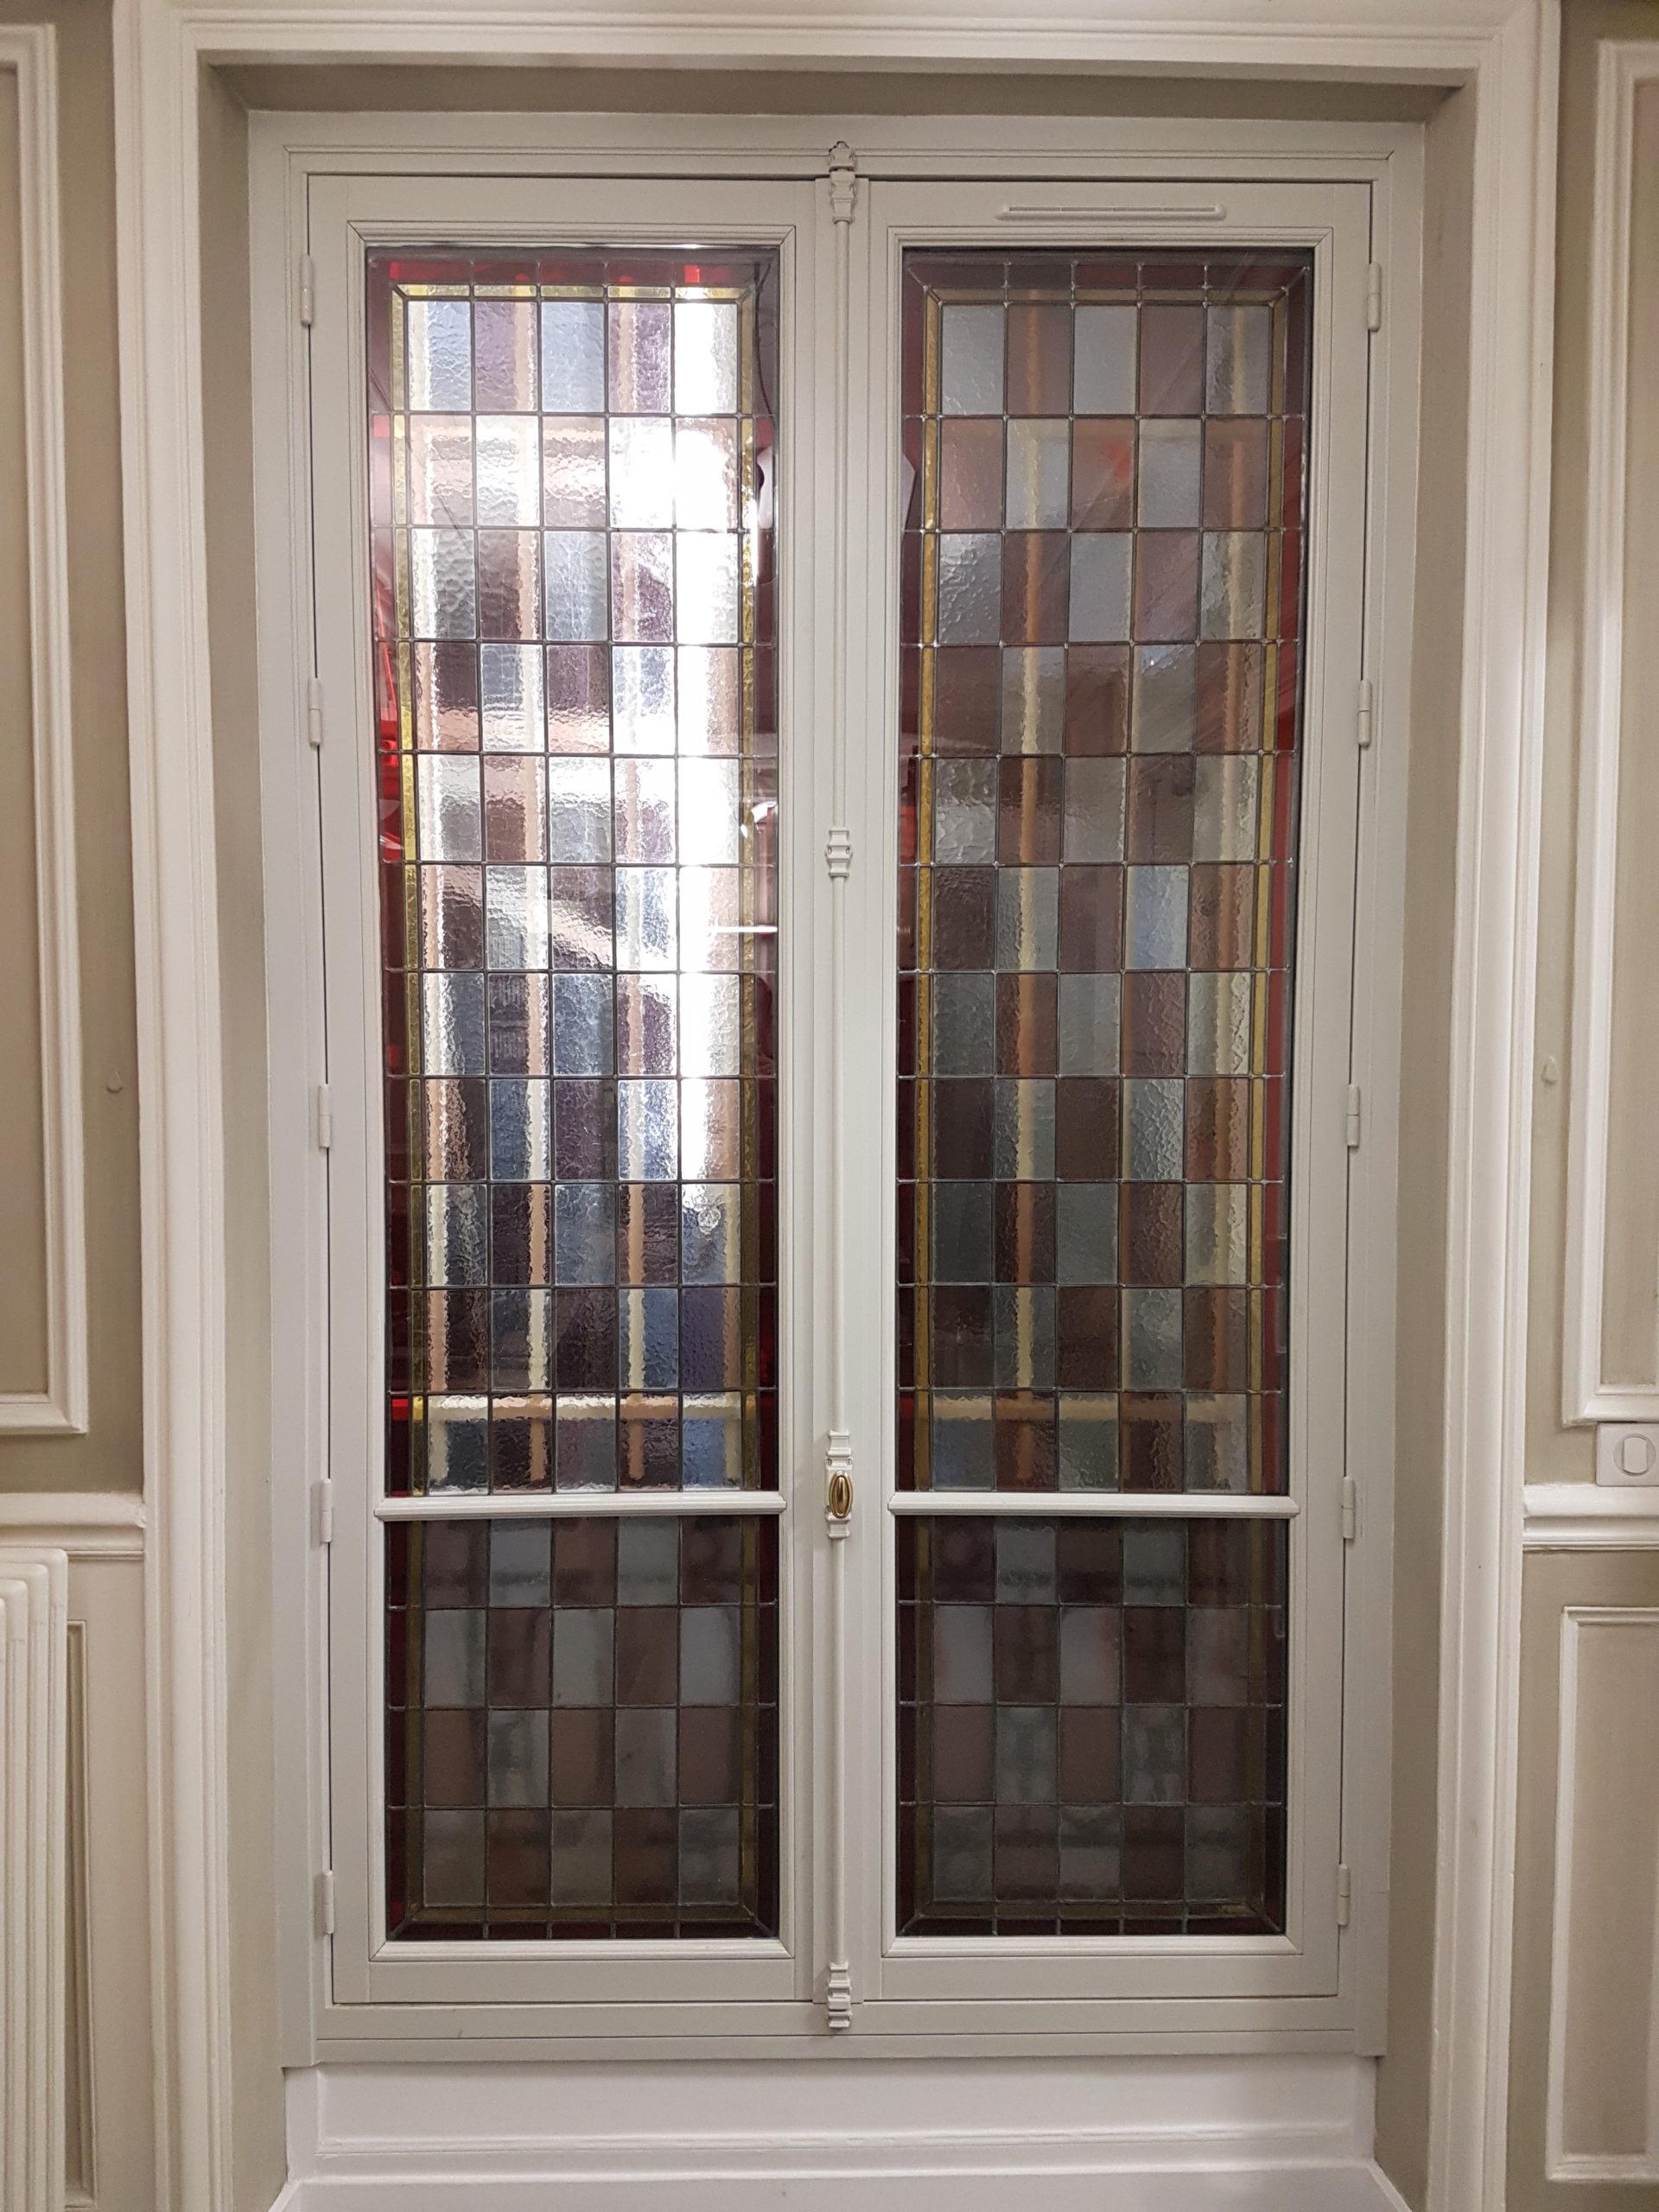 Fenêtre bois avec vitraux